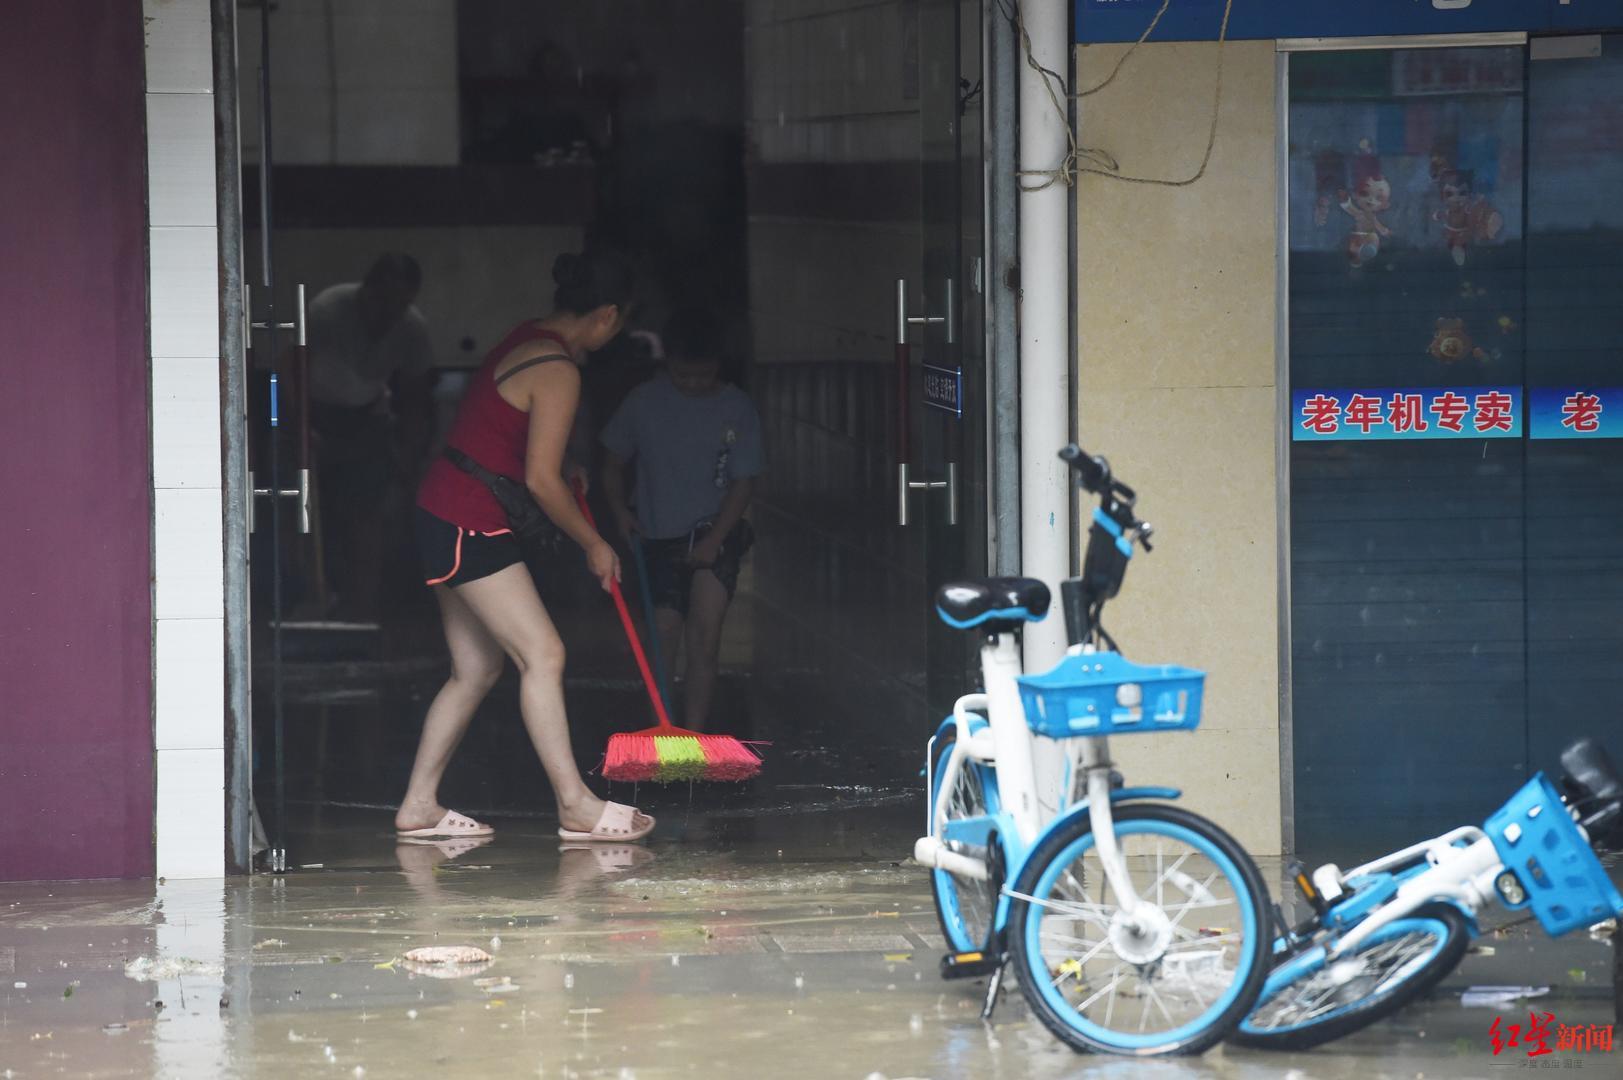 """大喇叭循环广播、挨家挨户通知……暴雨来袭,预警让商家住户安全""""过关"""""""